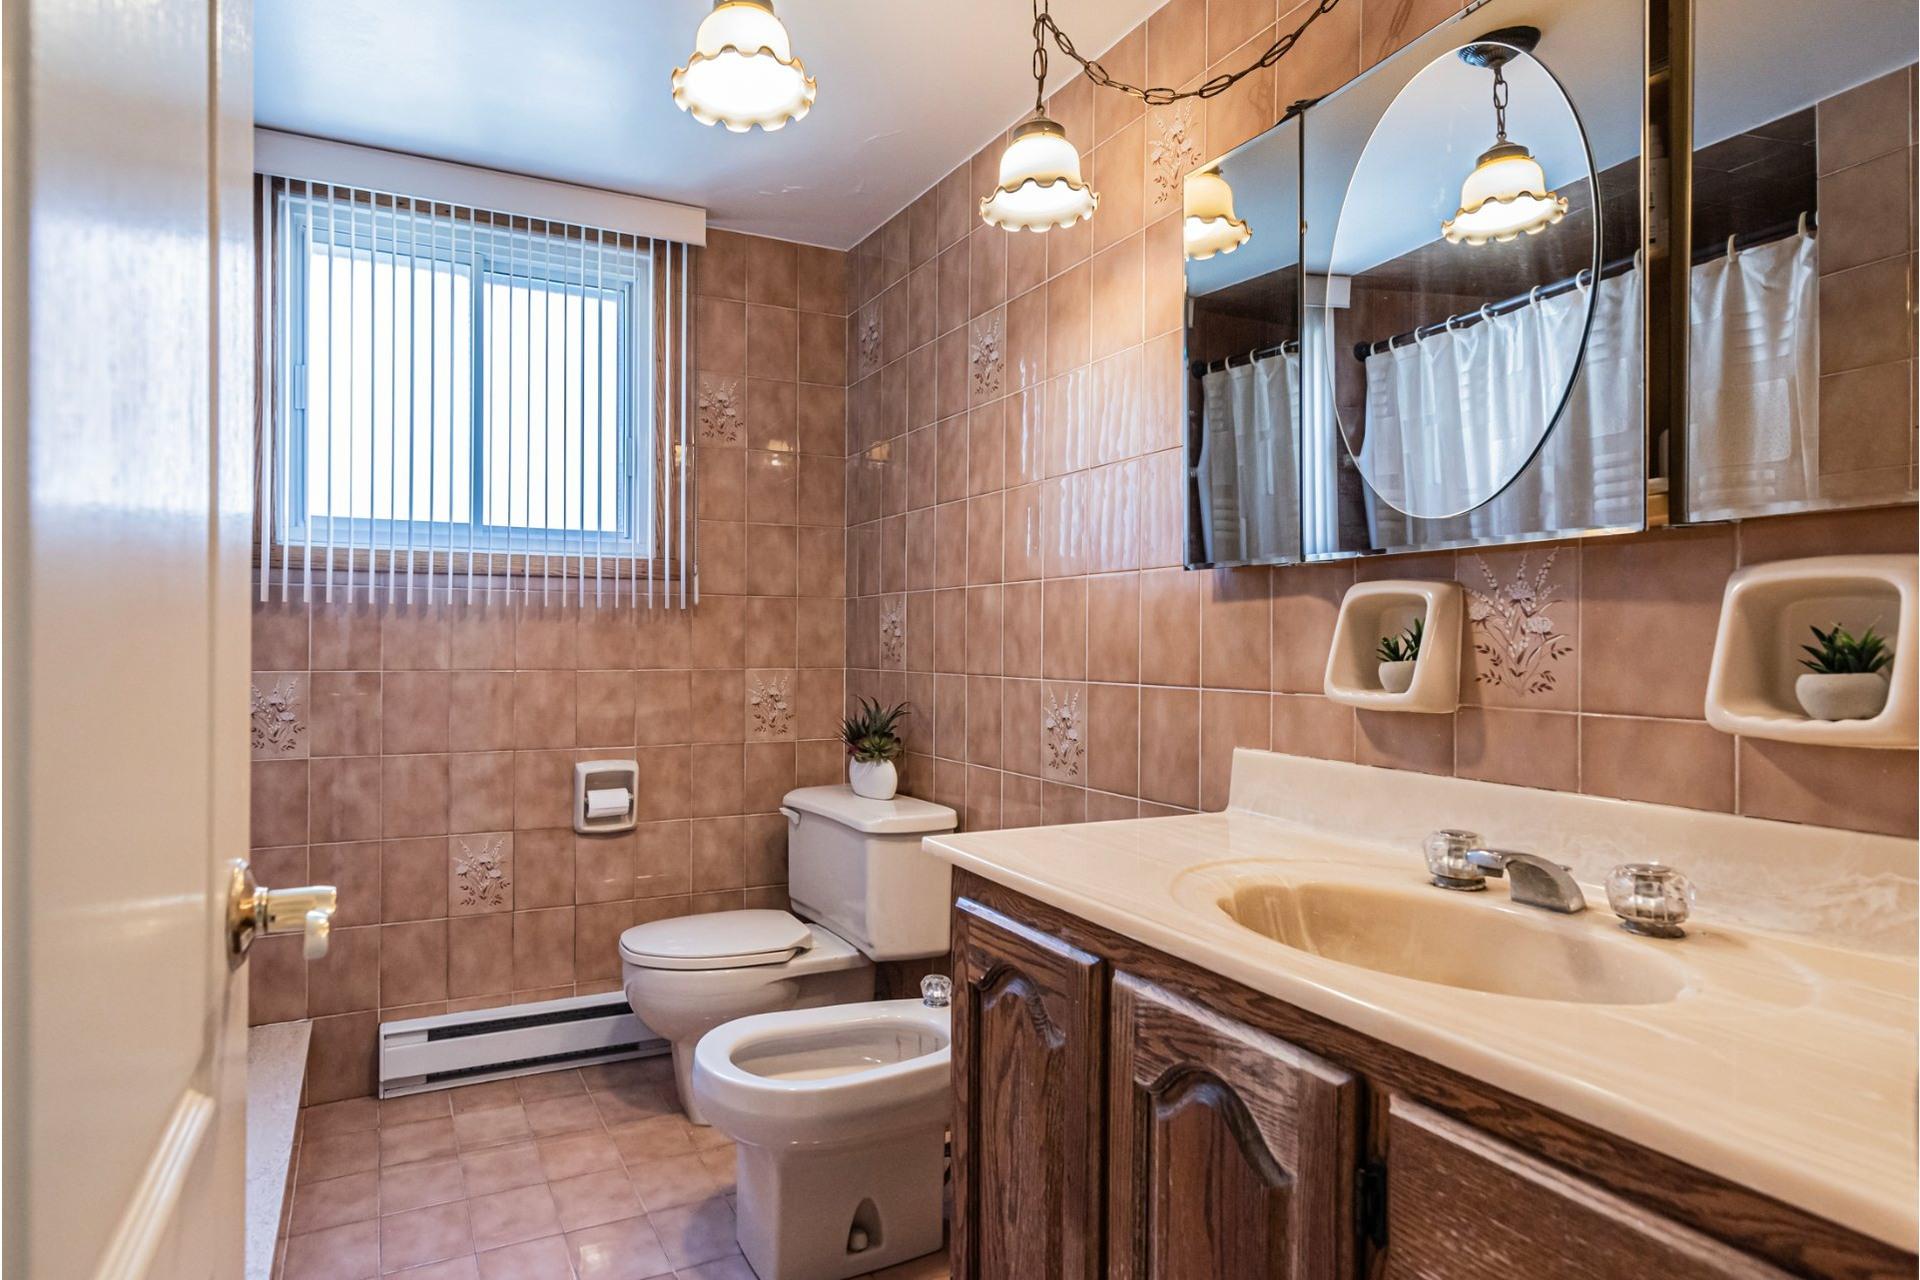 image 18 - Duplex For sale Saint-Léonard Montréal  - 9 rooms